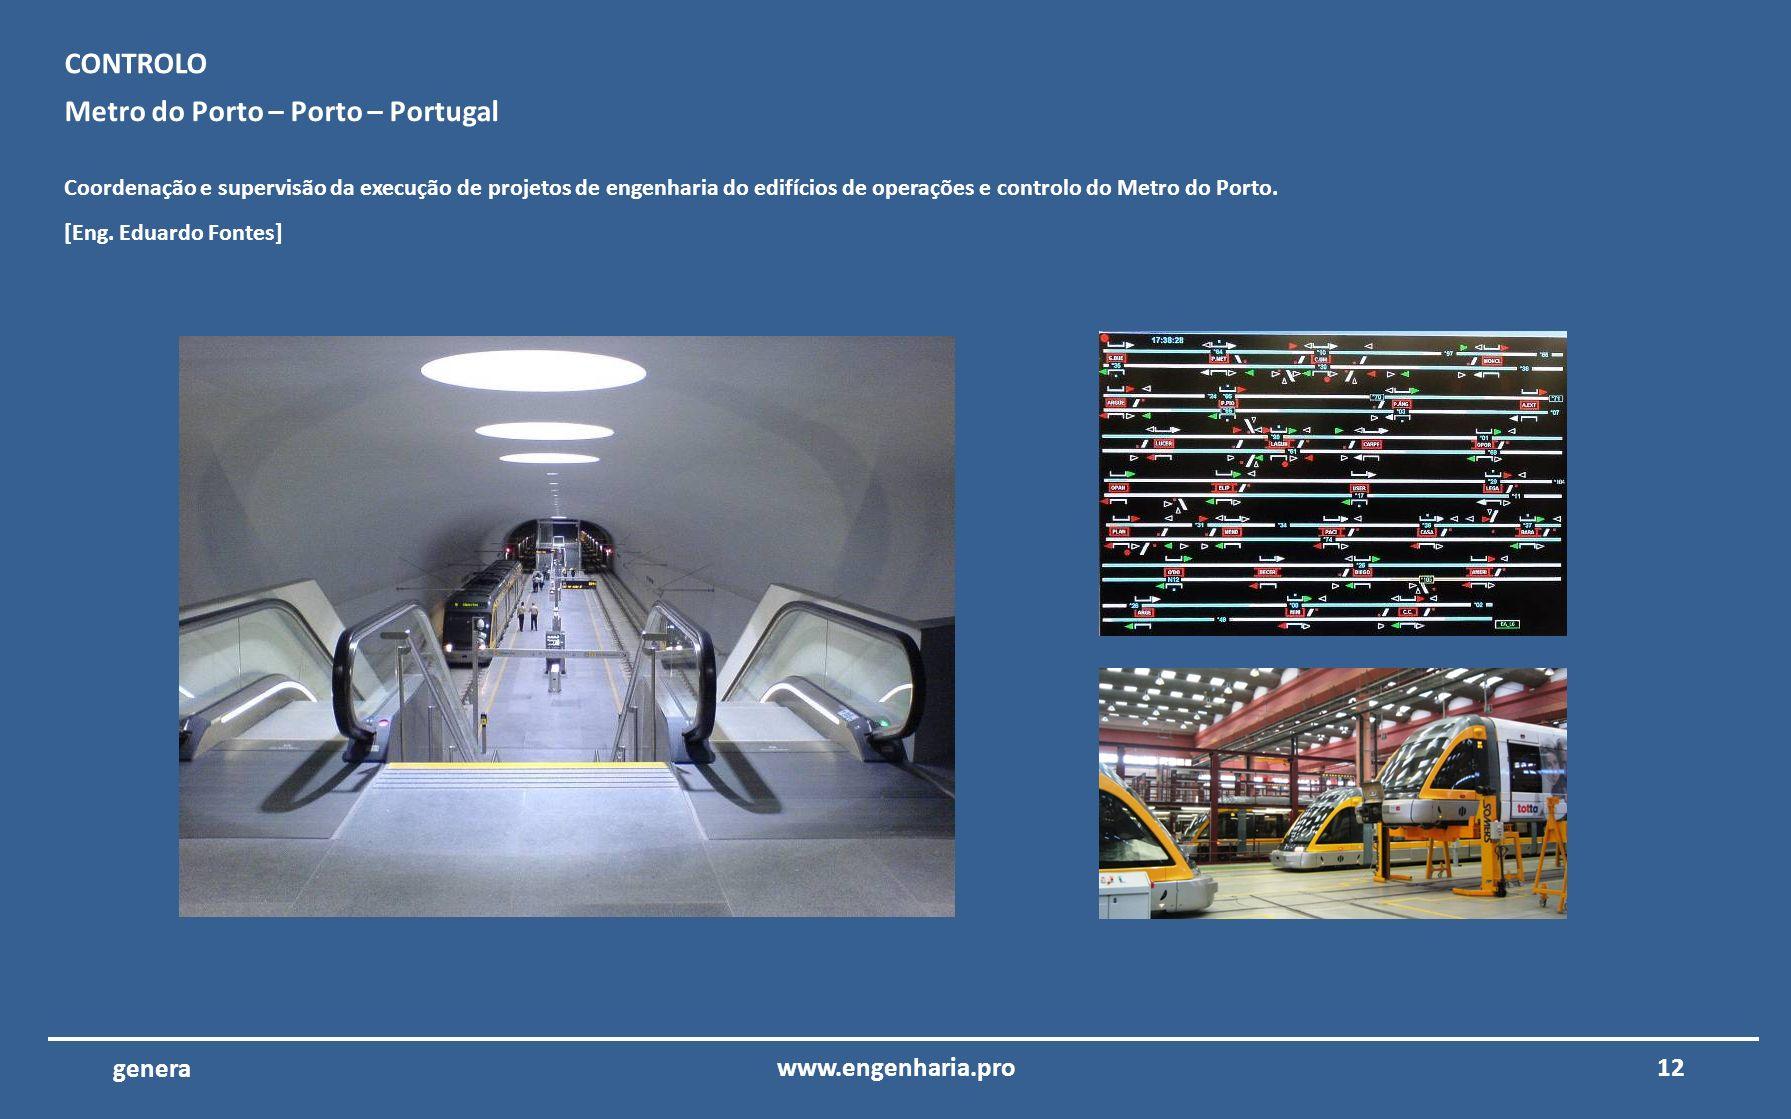 11www.engenharia.pro genera Escola Pública – Penafiel – Portugal Coordenação e supervisão da execução dos projetos de engenharia dos edifícios. ESCOLA